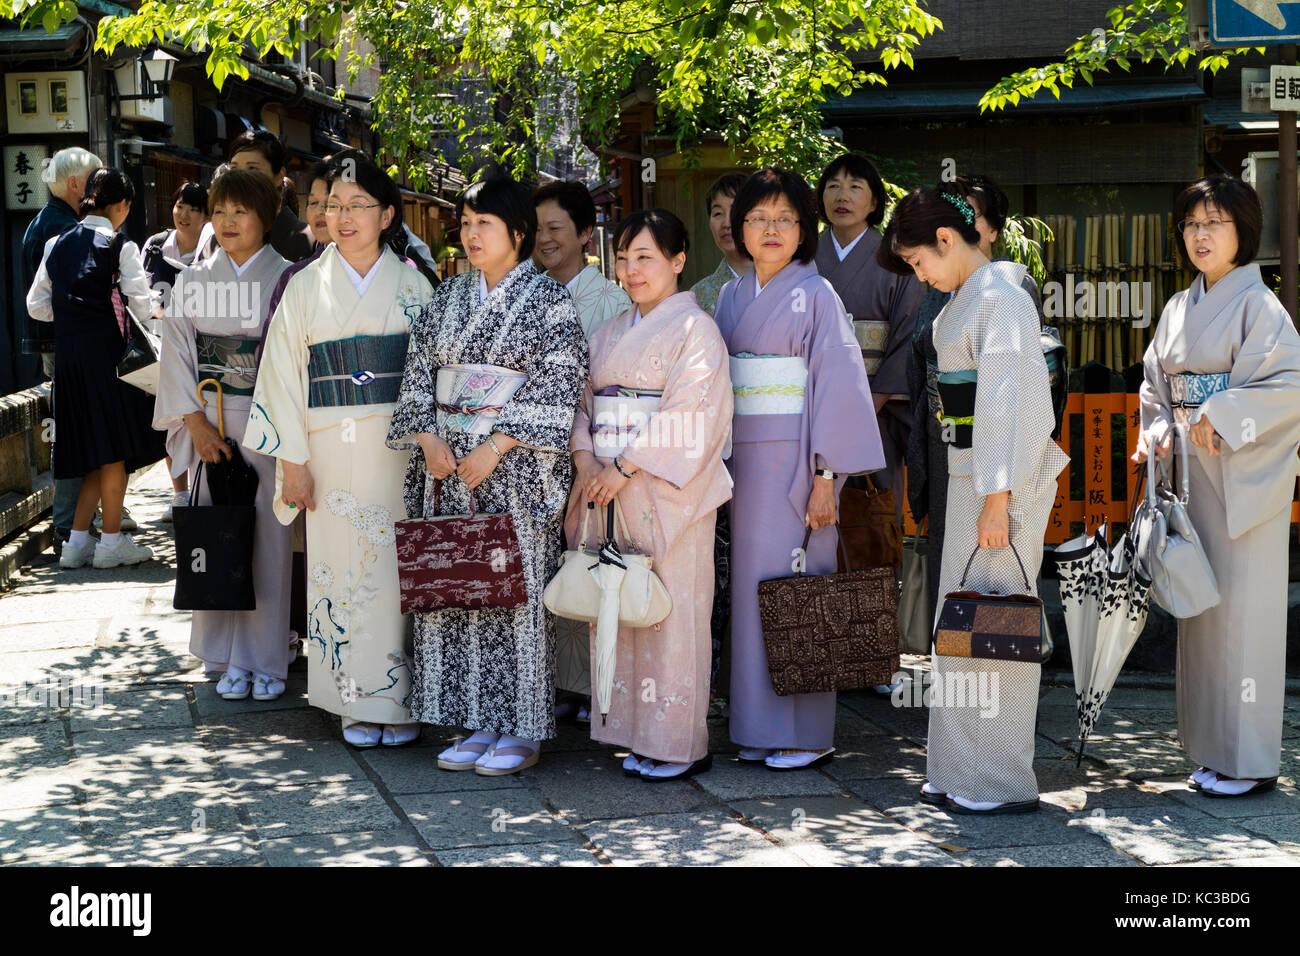 Kyoto, Japón - Mayo 18, 2017: grupo de mujeres en kimono en un viaje en Kioto están posando para una foto Imagen De Stock